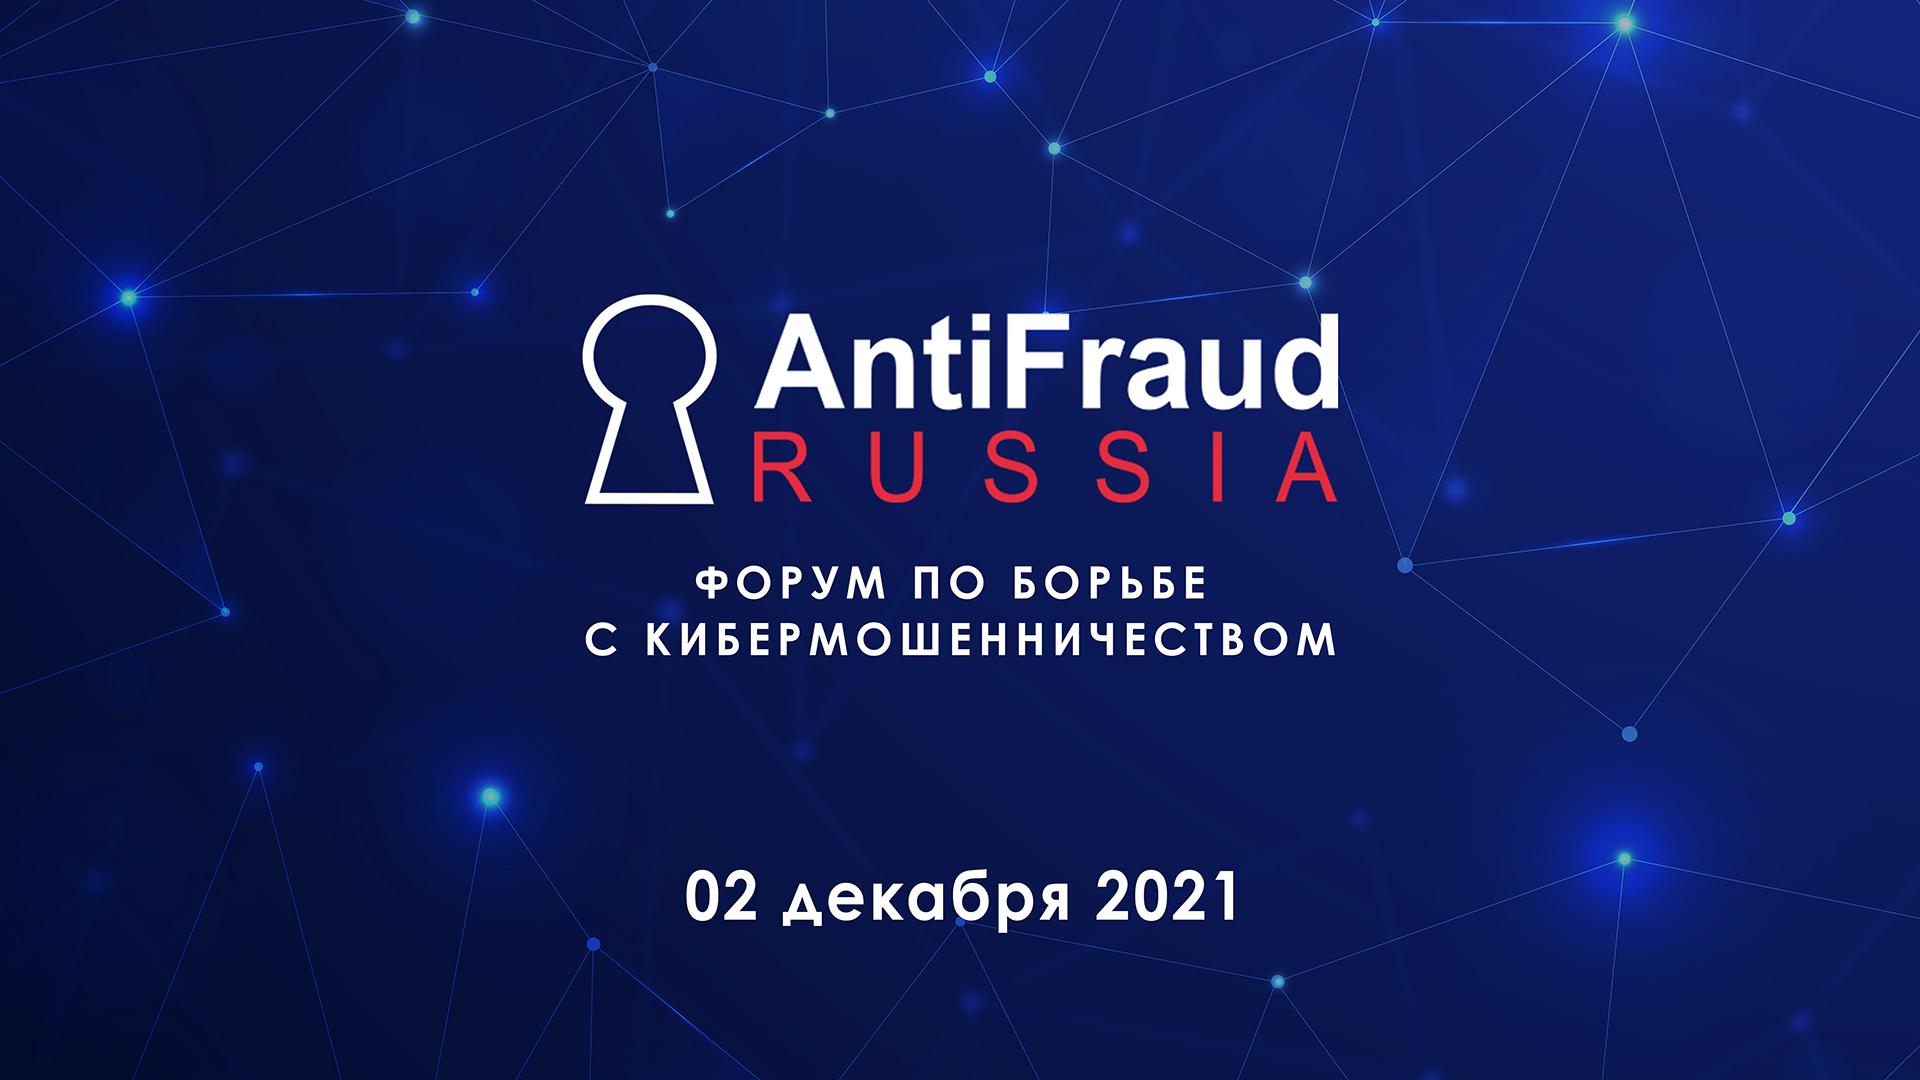 Международный форум по борьбе с мошенничеством в сфере высоких технологий AntiFraud Russia